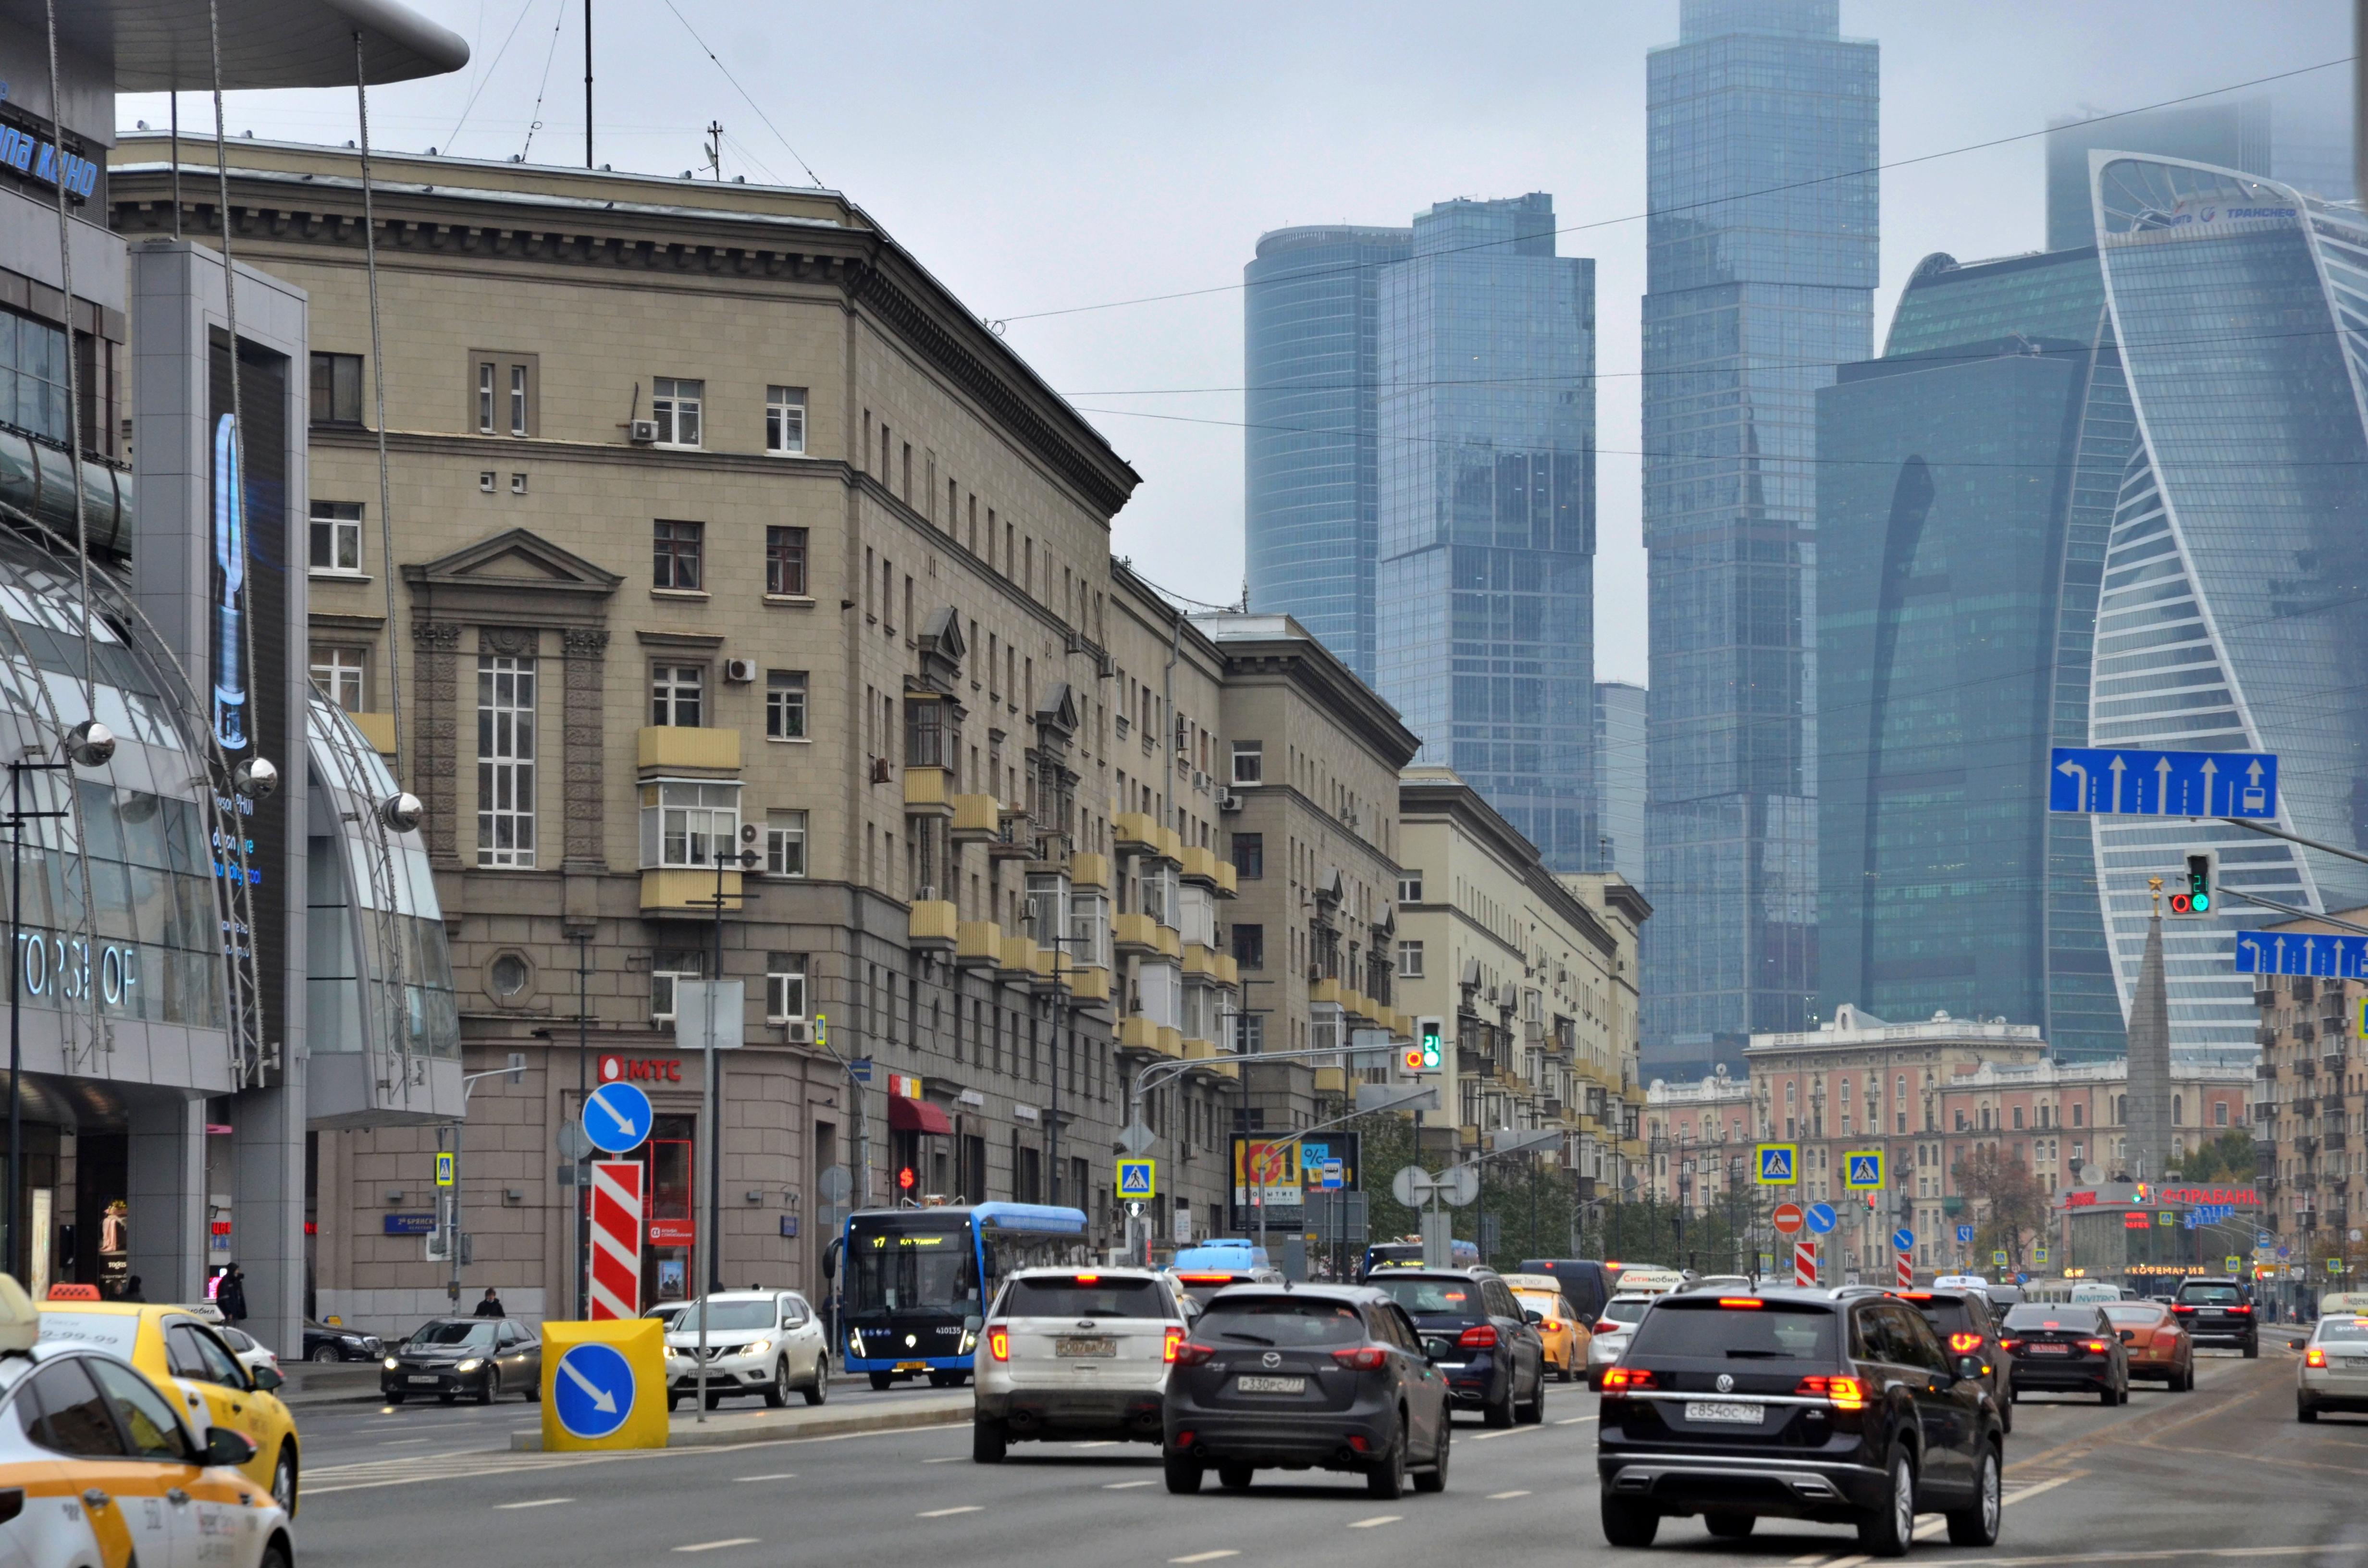 Депутат МГД Головченко: Эквайринг со ставкой 1% поддержит бизнес, но требует обсуждения